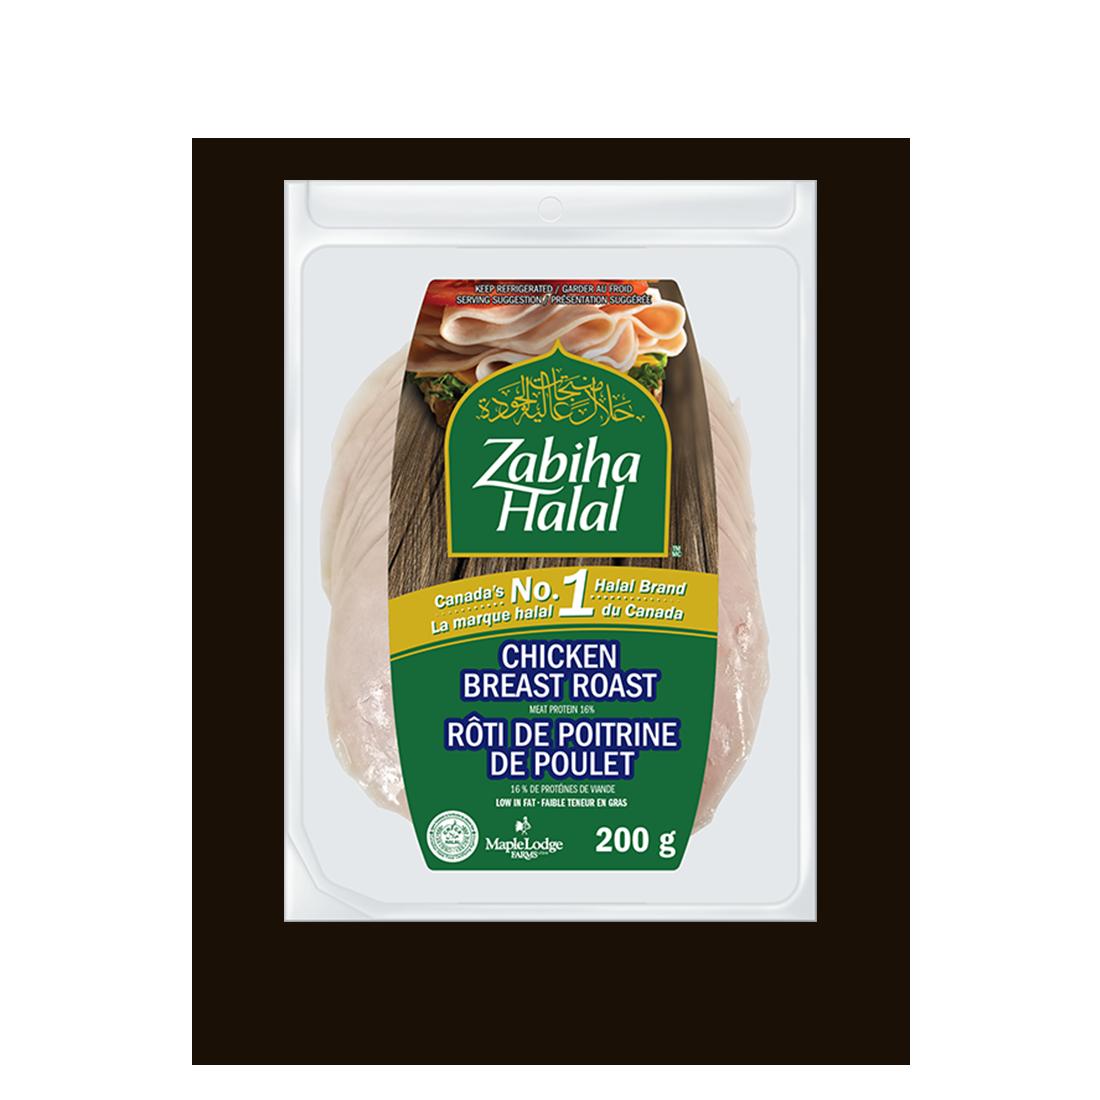 Un emballage de poitrine de poulet cuite